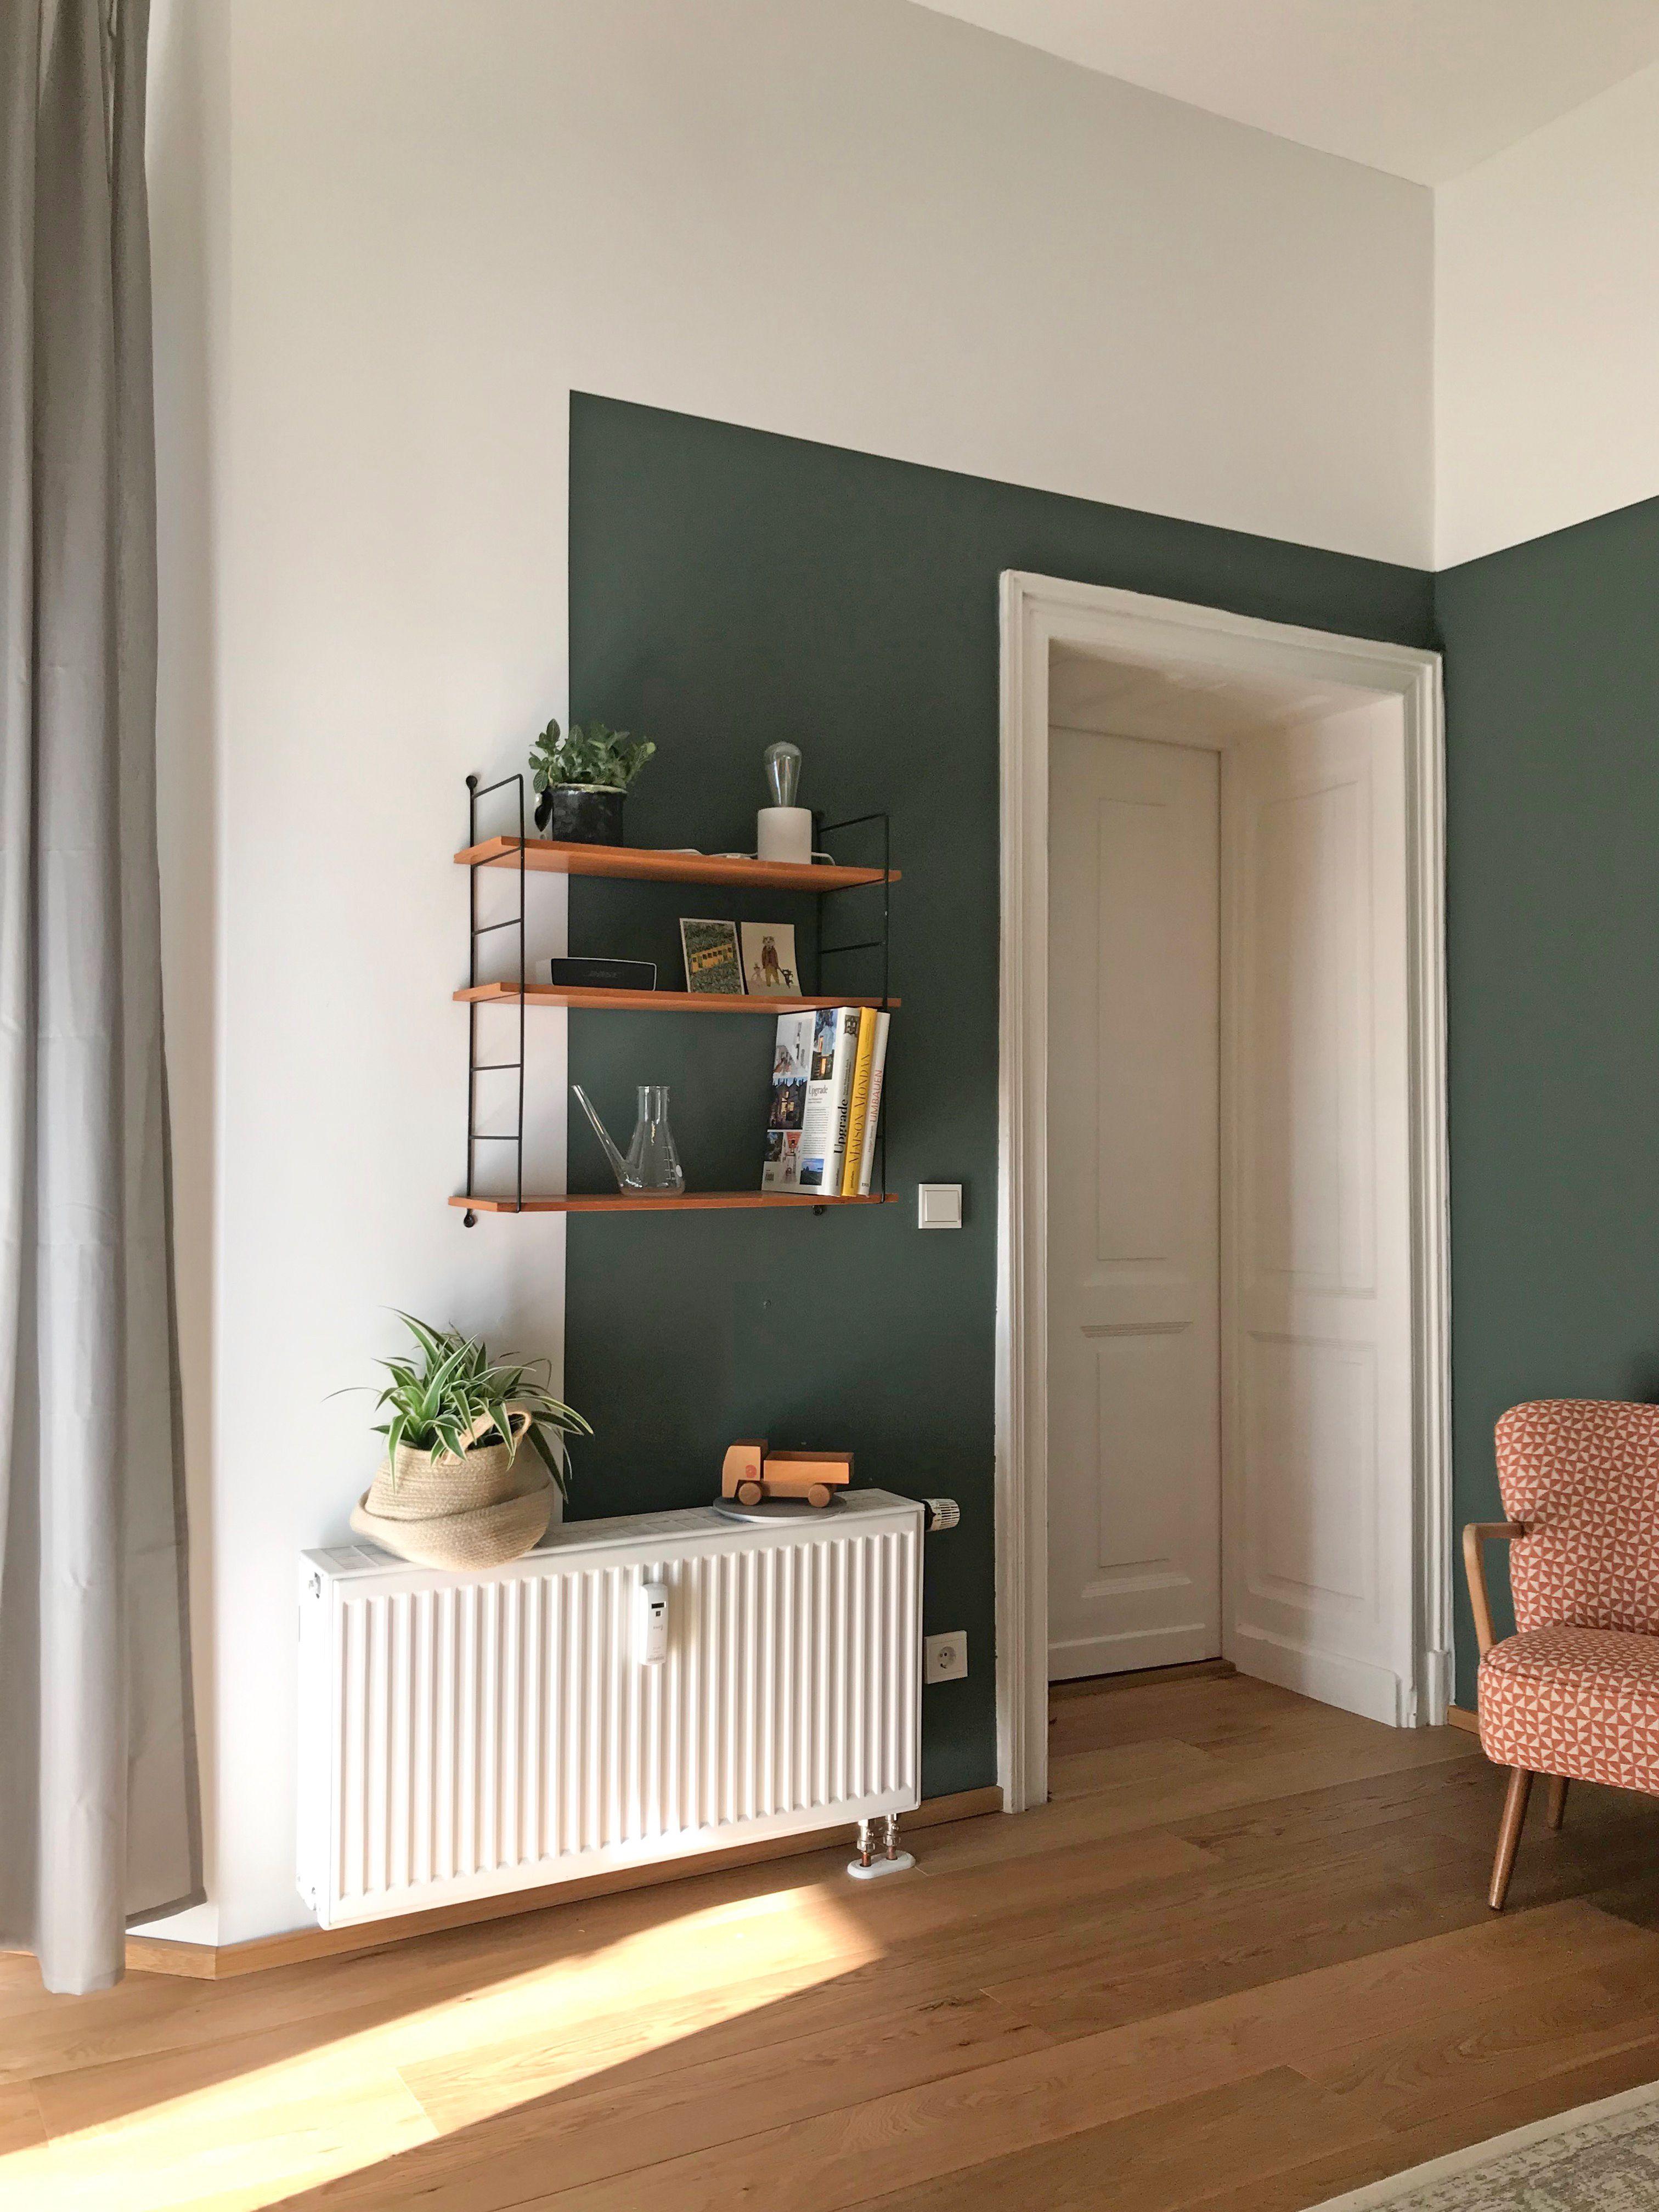 Der Farbtest Mit Kolorat Wohnung Streichen Wohnzimmer Ideen Wohnung Wohnzimmer Streichen